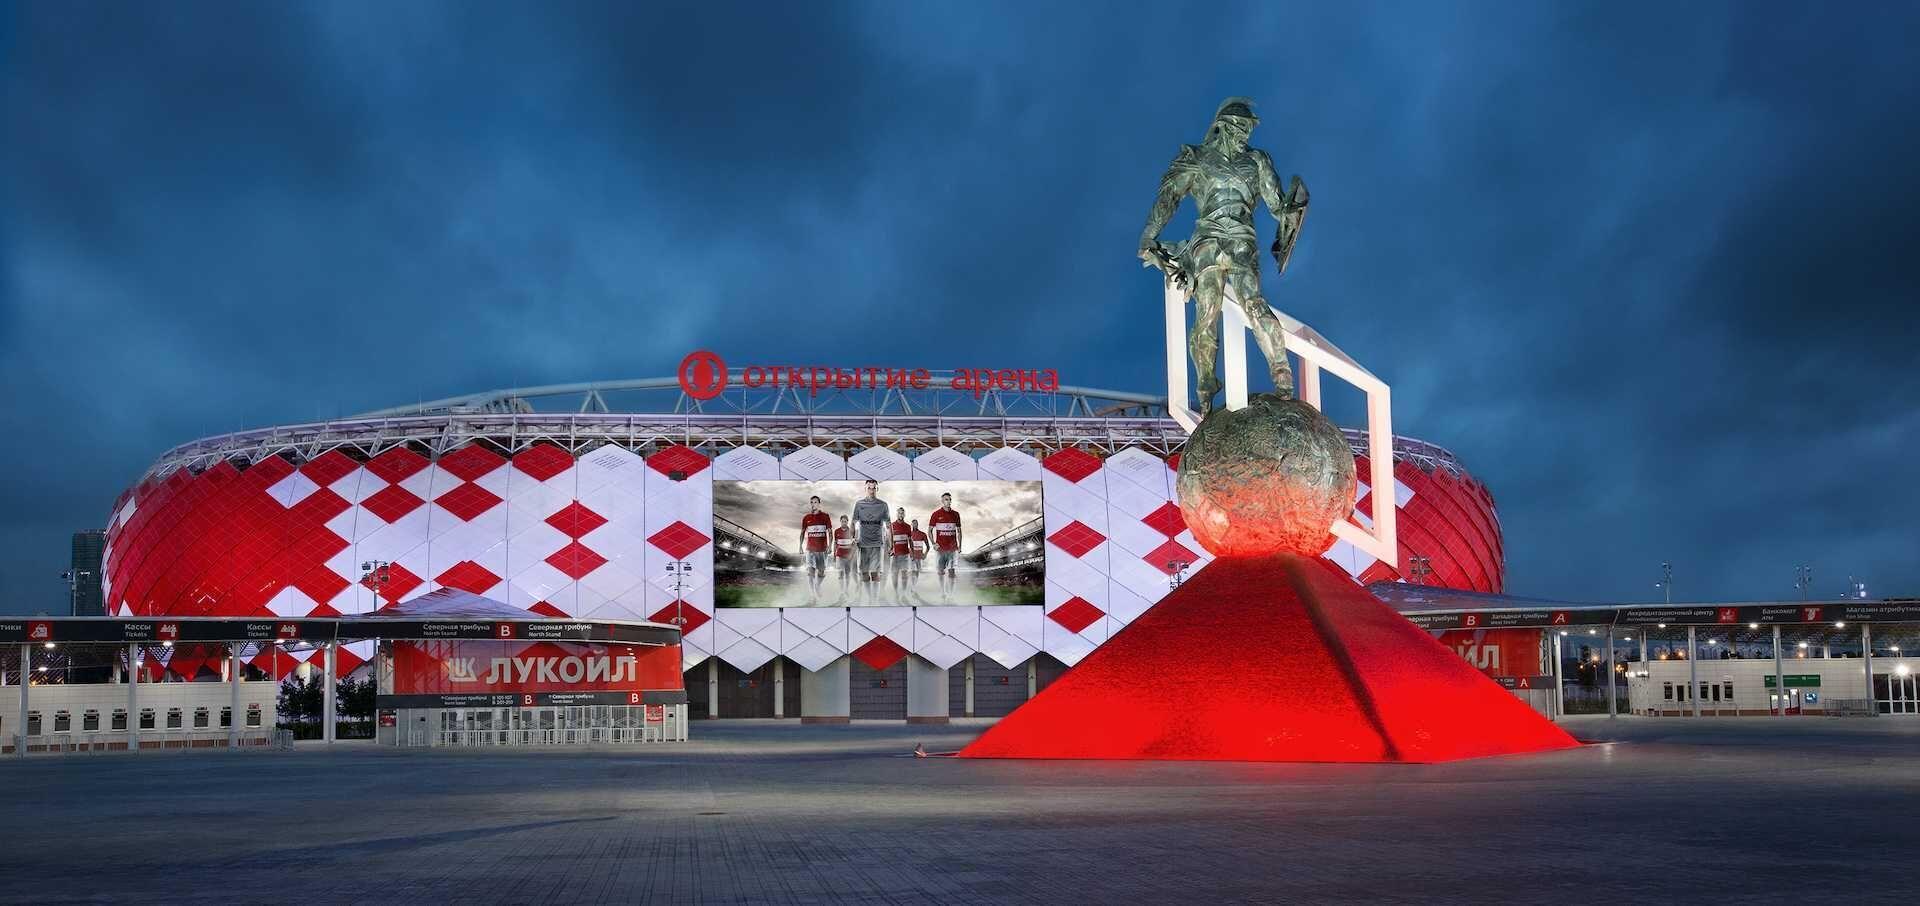 Transmisja meczu Spartak Moskwa - Legia Warszawa w Viaplay